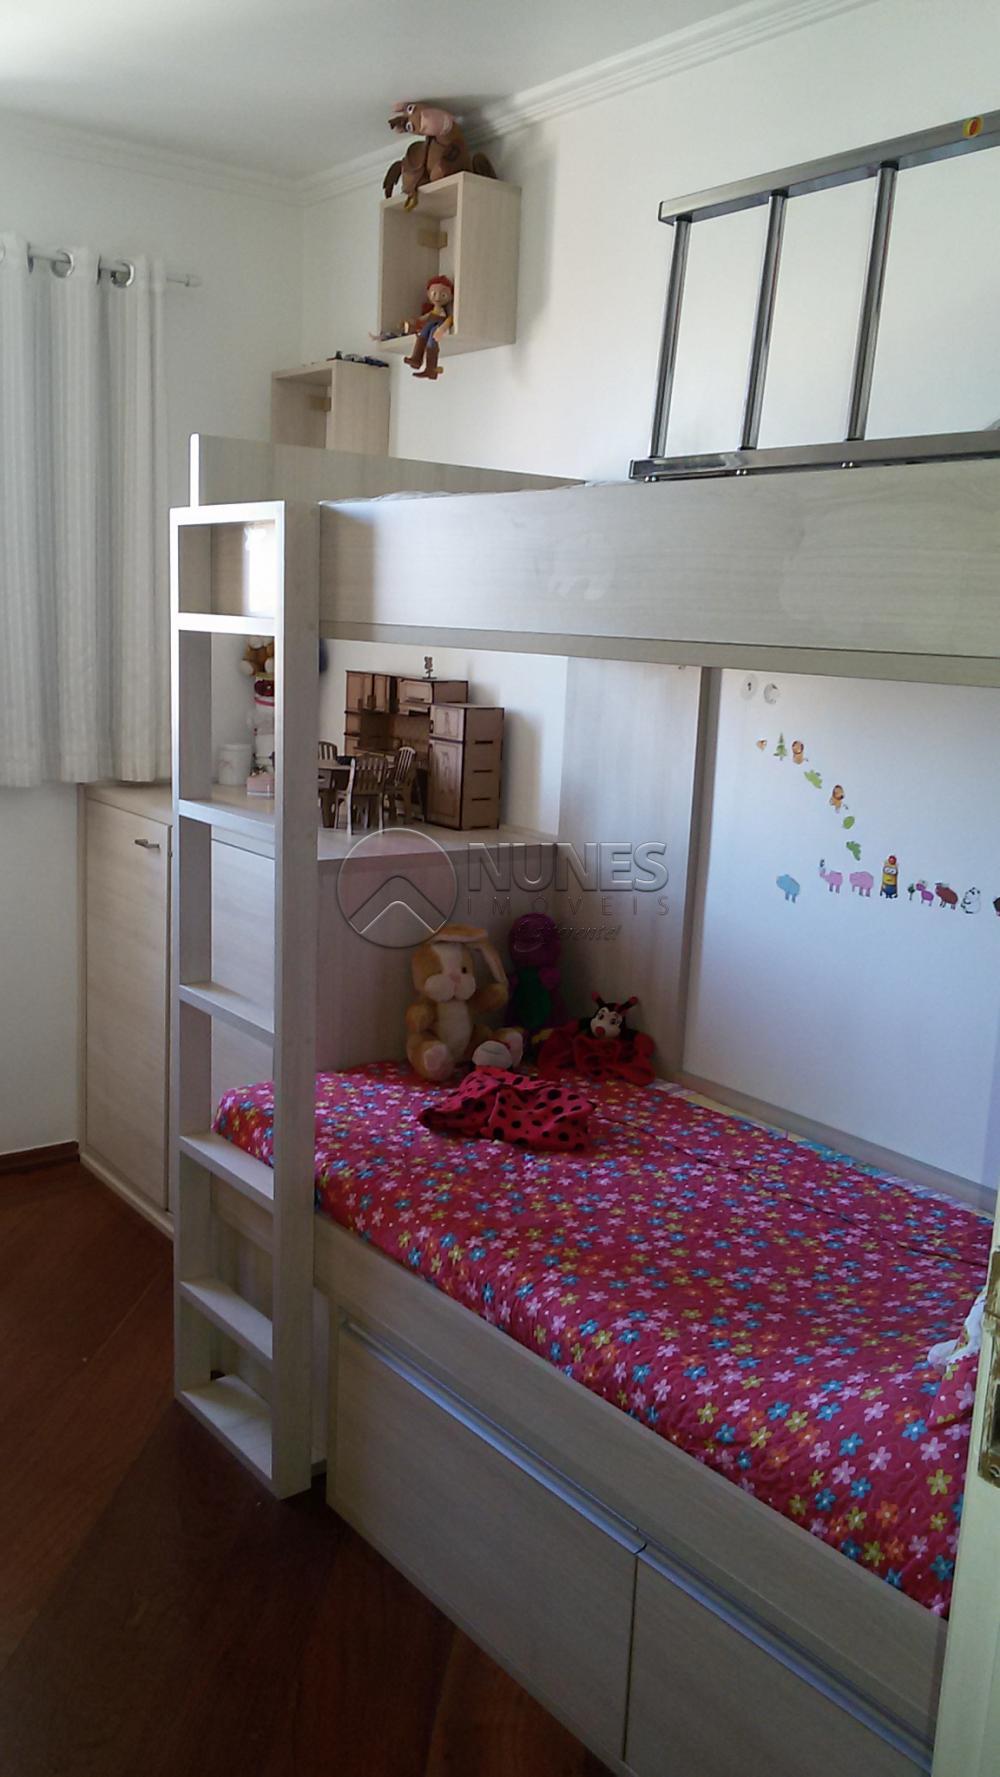 Comprar Apartamento / Padrão em Osasco apenas R$ 395.000,00 - Foto 17